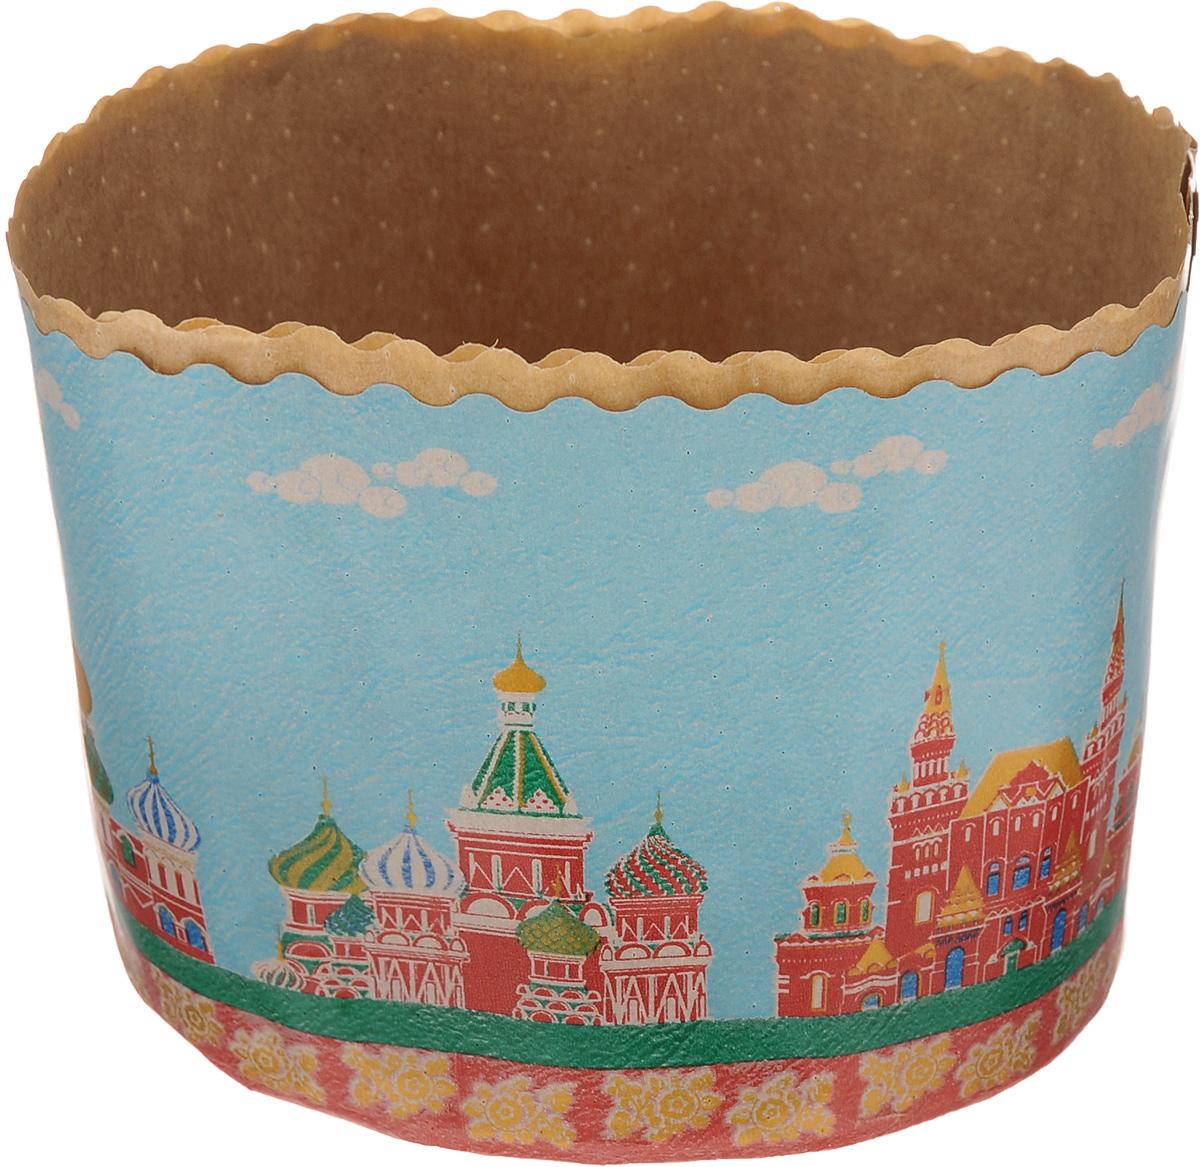 Набор форм для выпечки куличей Marmiton Пасхальный, цвет: голубой, красный, 1 л, 3 шт11349_голубой, красный